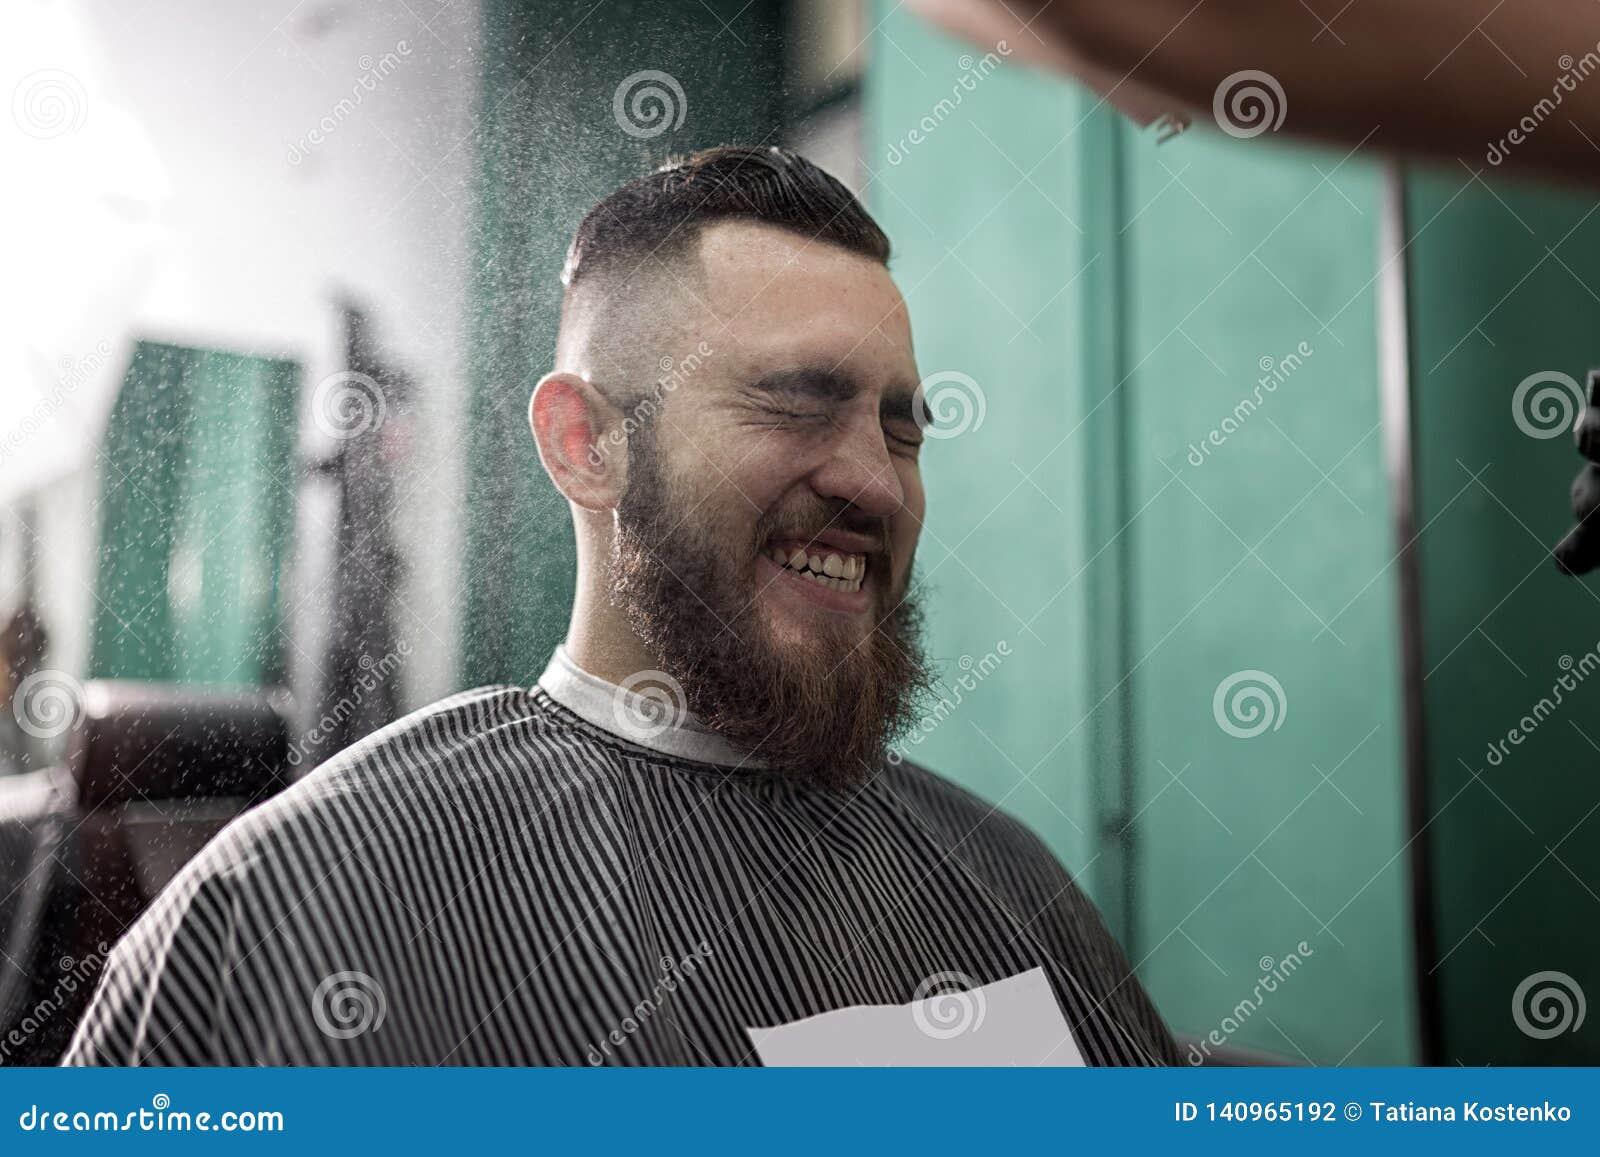 Το μοντέρνο άτομο με μια γενειάδα κάθεται και χαμογελά σε ένα κατάστημα κουρέων Ο κουρέας στα μαύρα γάντια κάνει τον ψεκασμό για